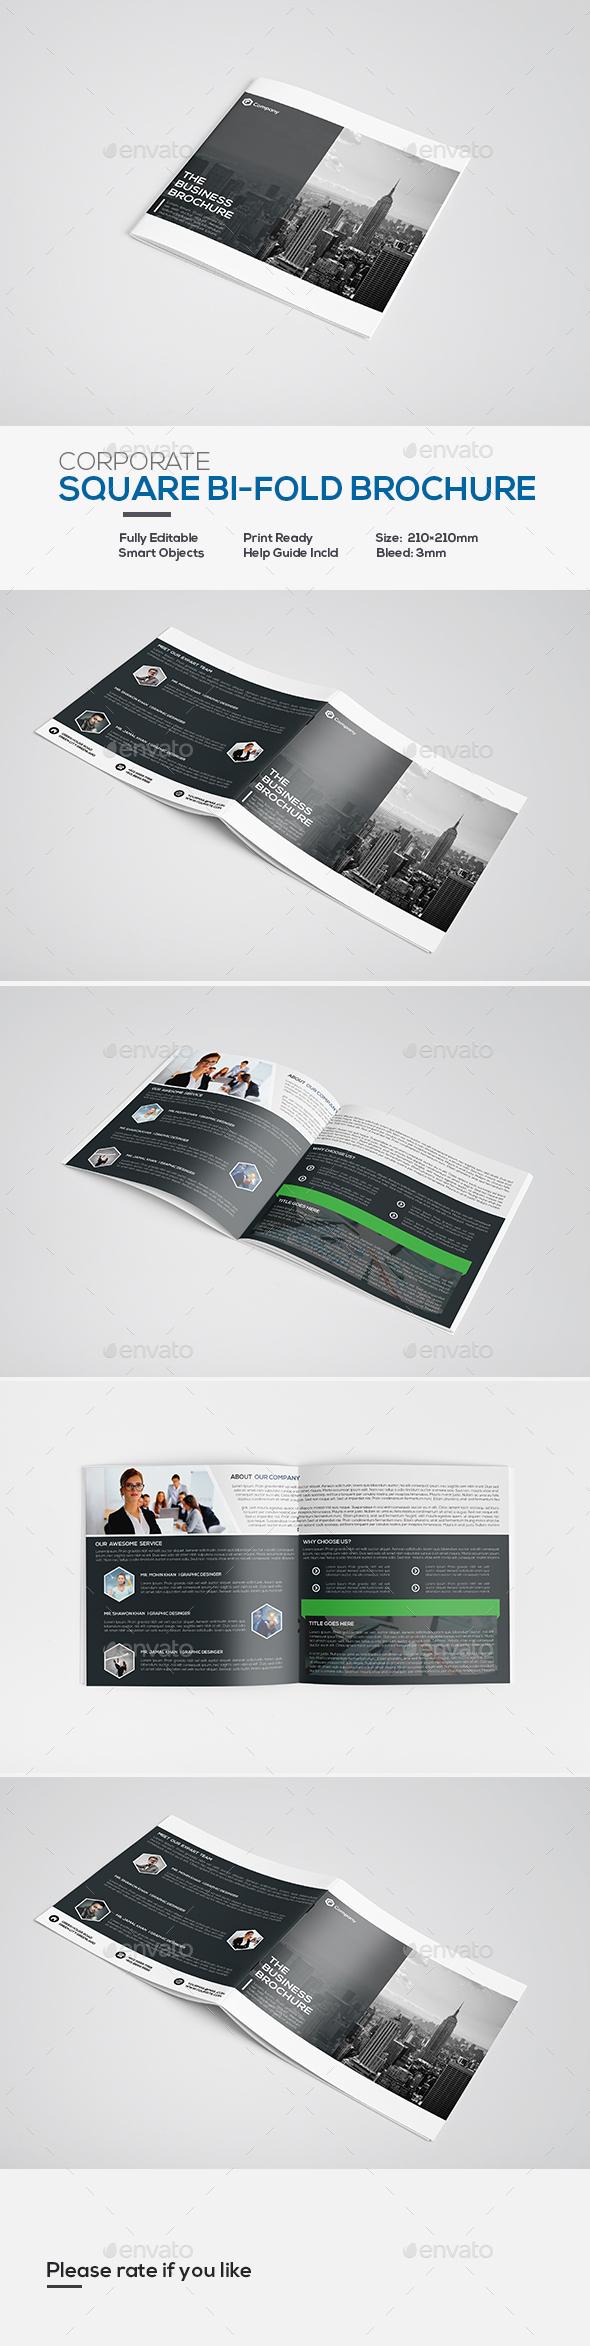 Square Corporate Bi-fold Brochure - Corporate Brochures